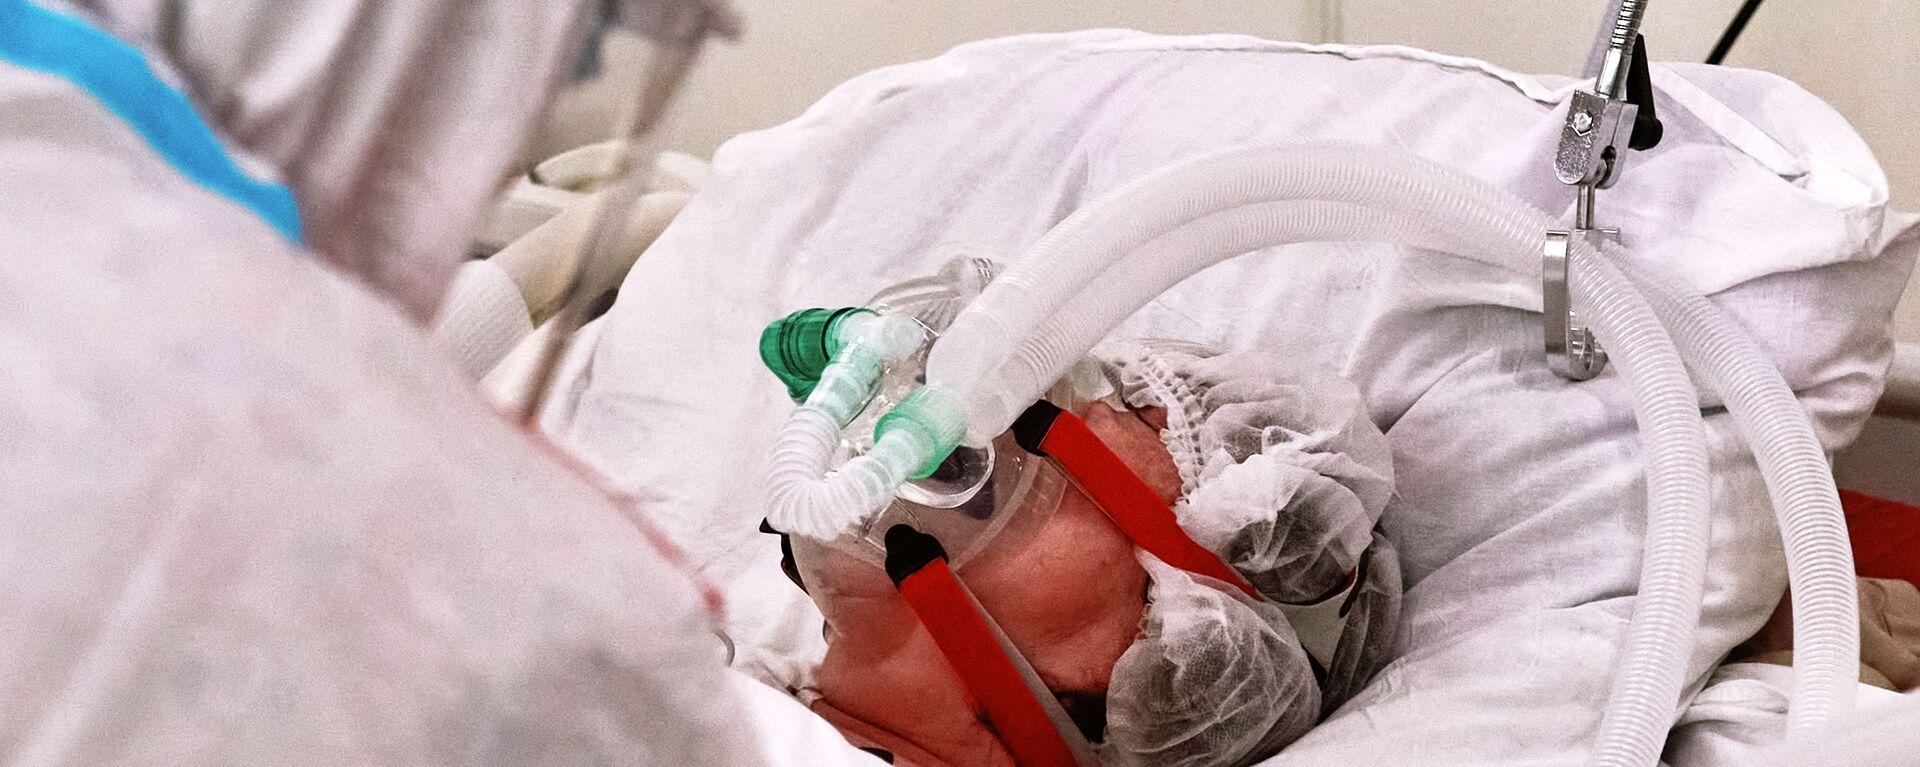 Un equipamiento médico suministra oxígeno para un paciente con el COVID-19 - Sputnik Mundo, 1920, 11.02.2021